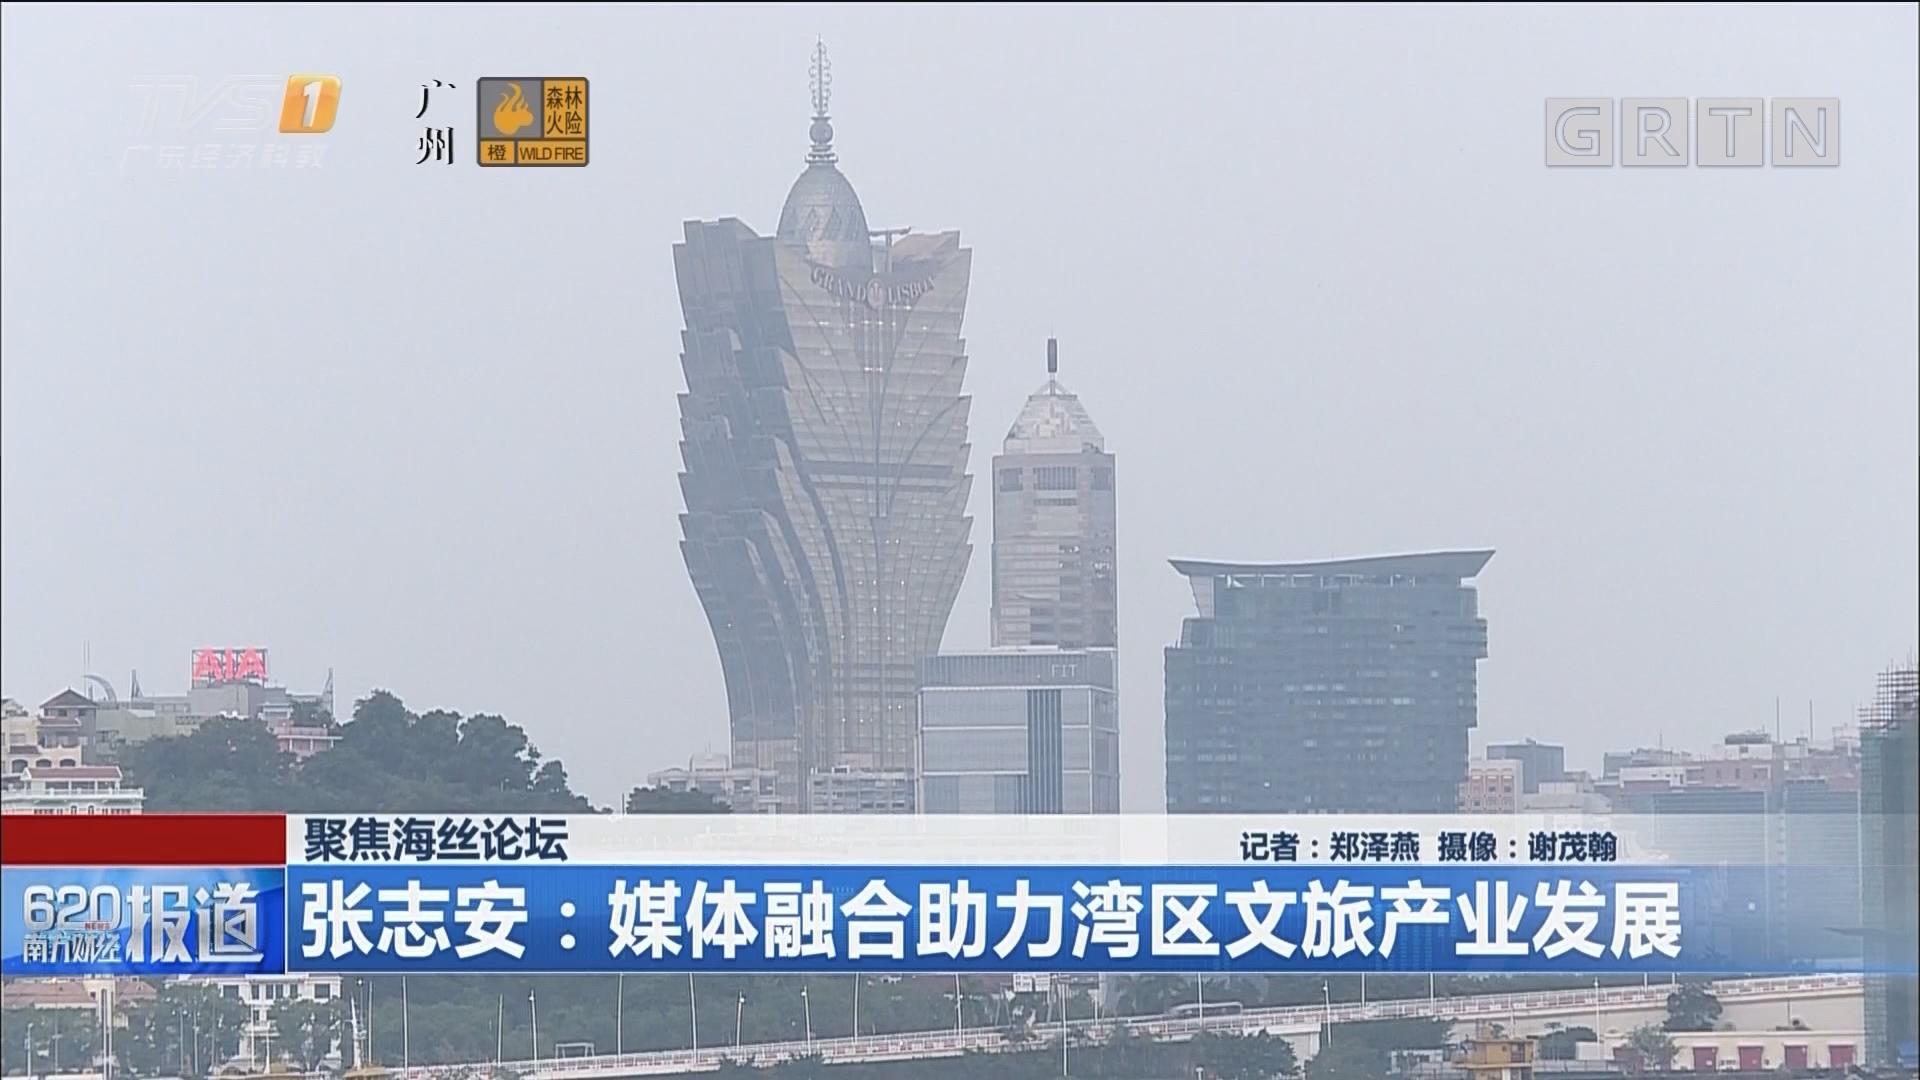 聚焦海丝论坛 张志安:媒体融合助力湾区文旅产业发展